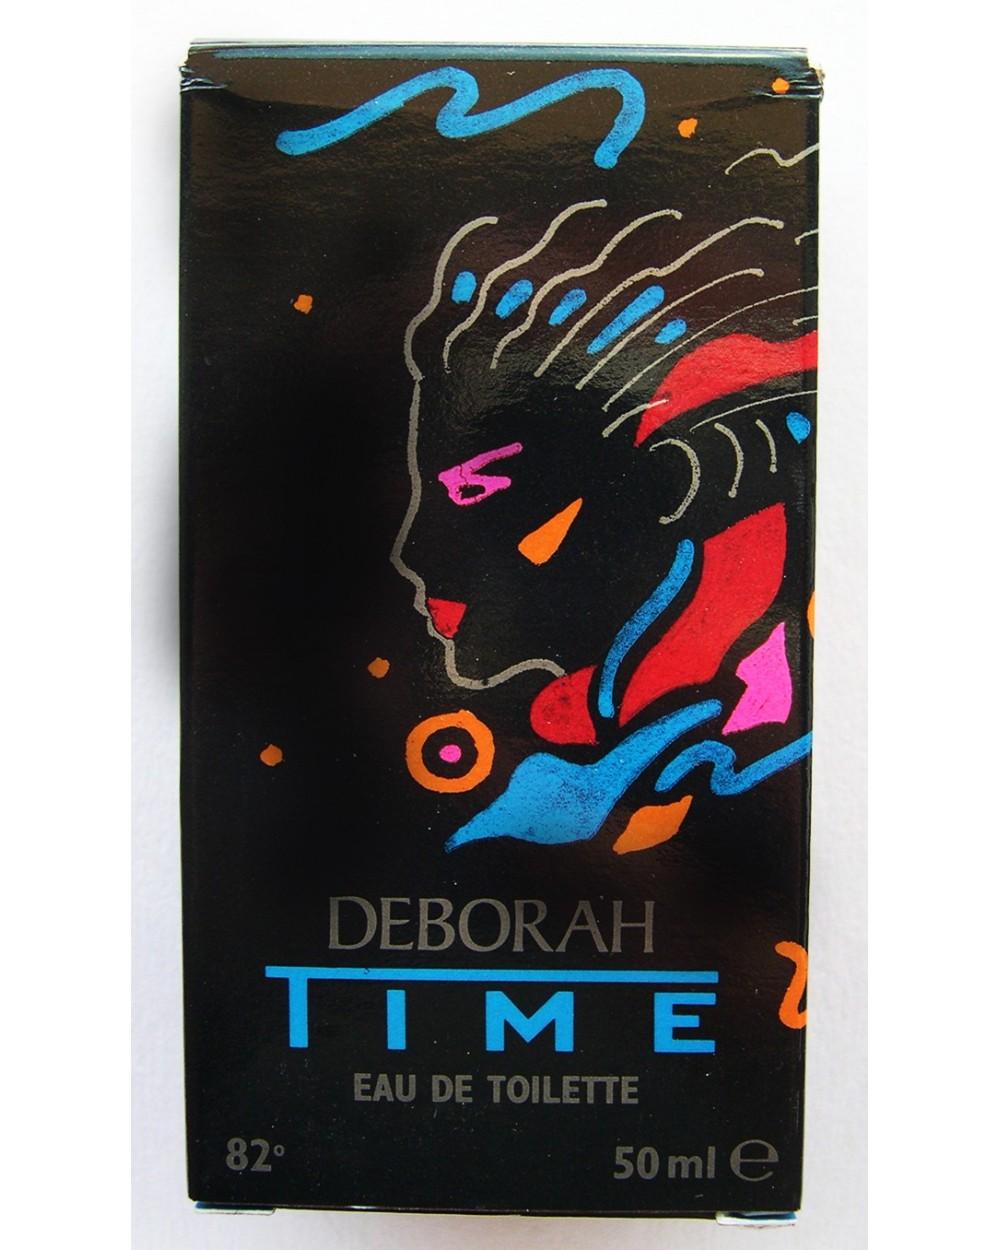 Deborah Time Eau De Toilette